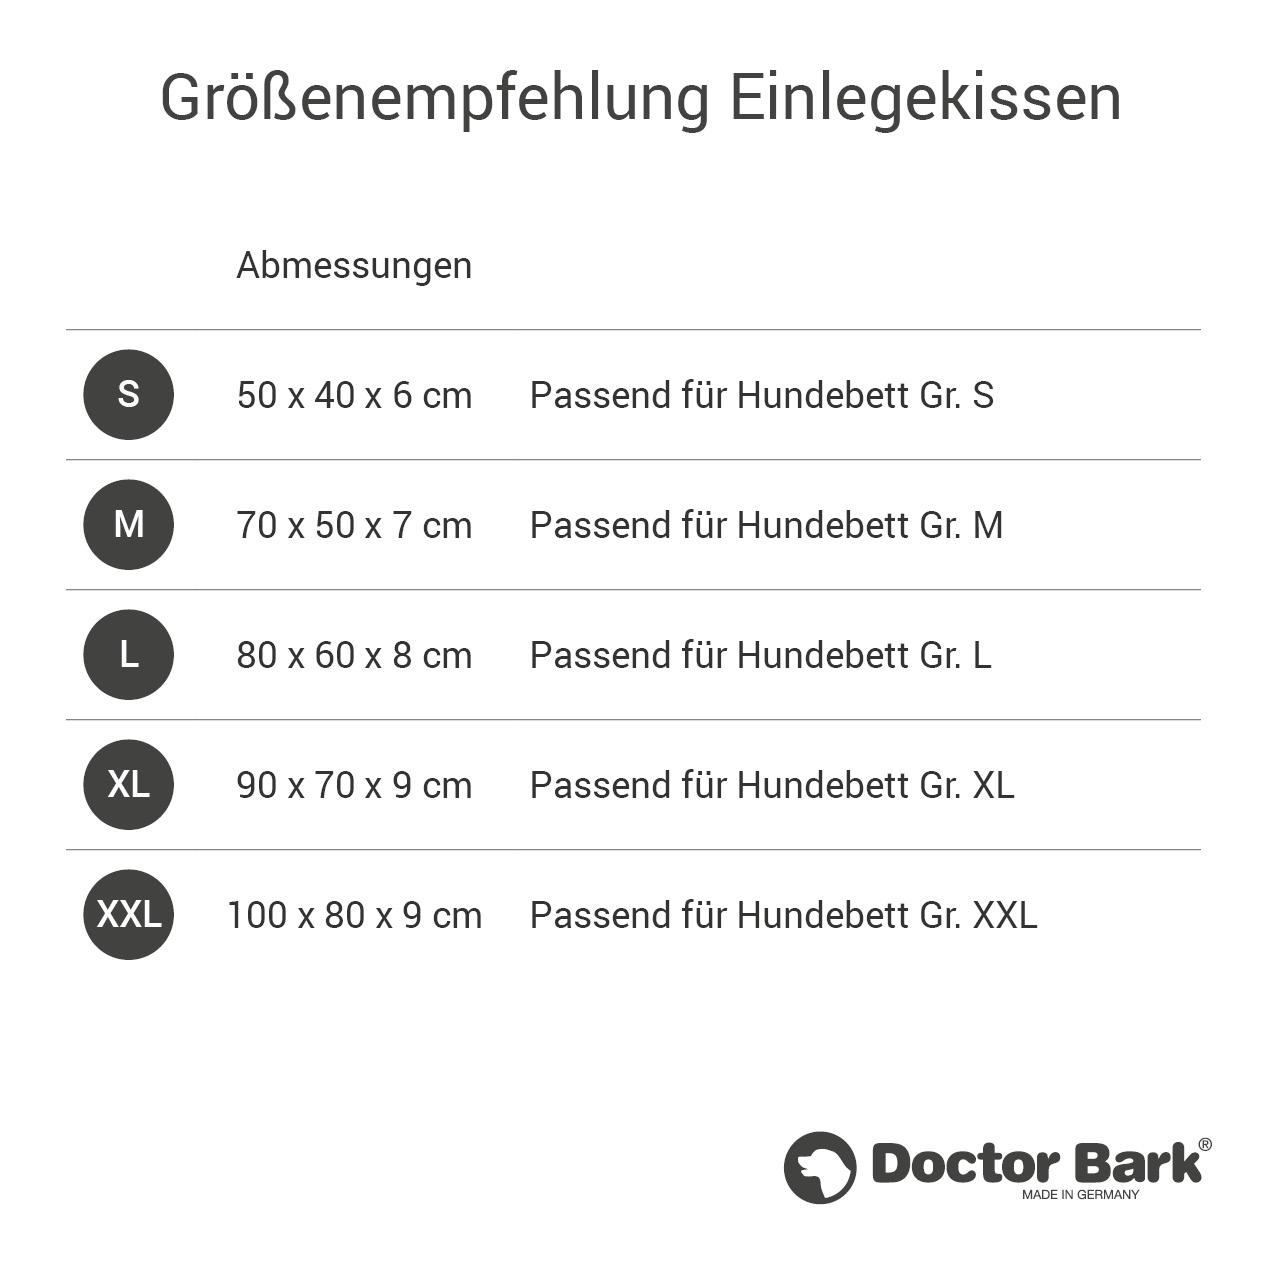 orthopädisches Einlegekissen für Doctor Bark Hundebett Gr. XXL - braun